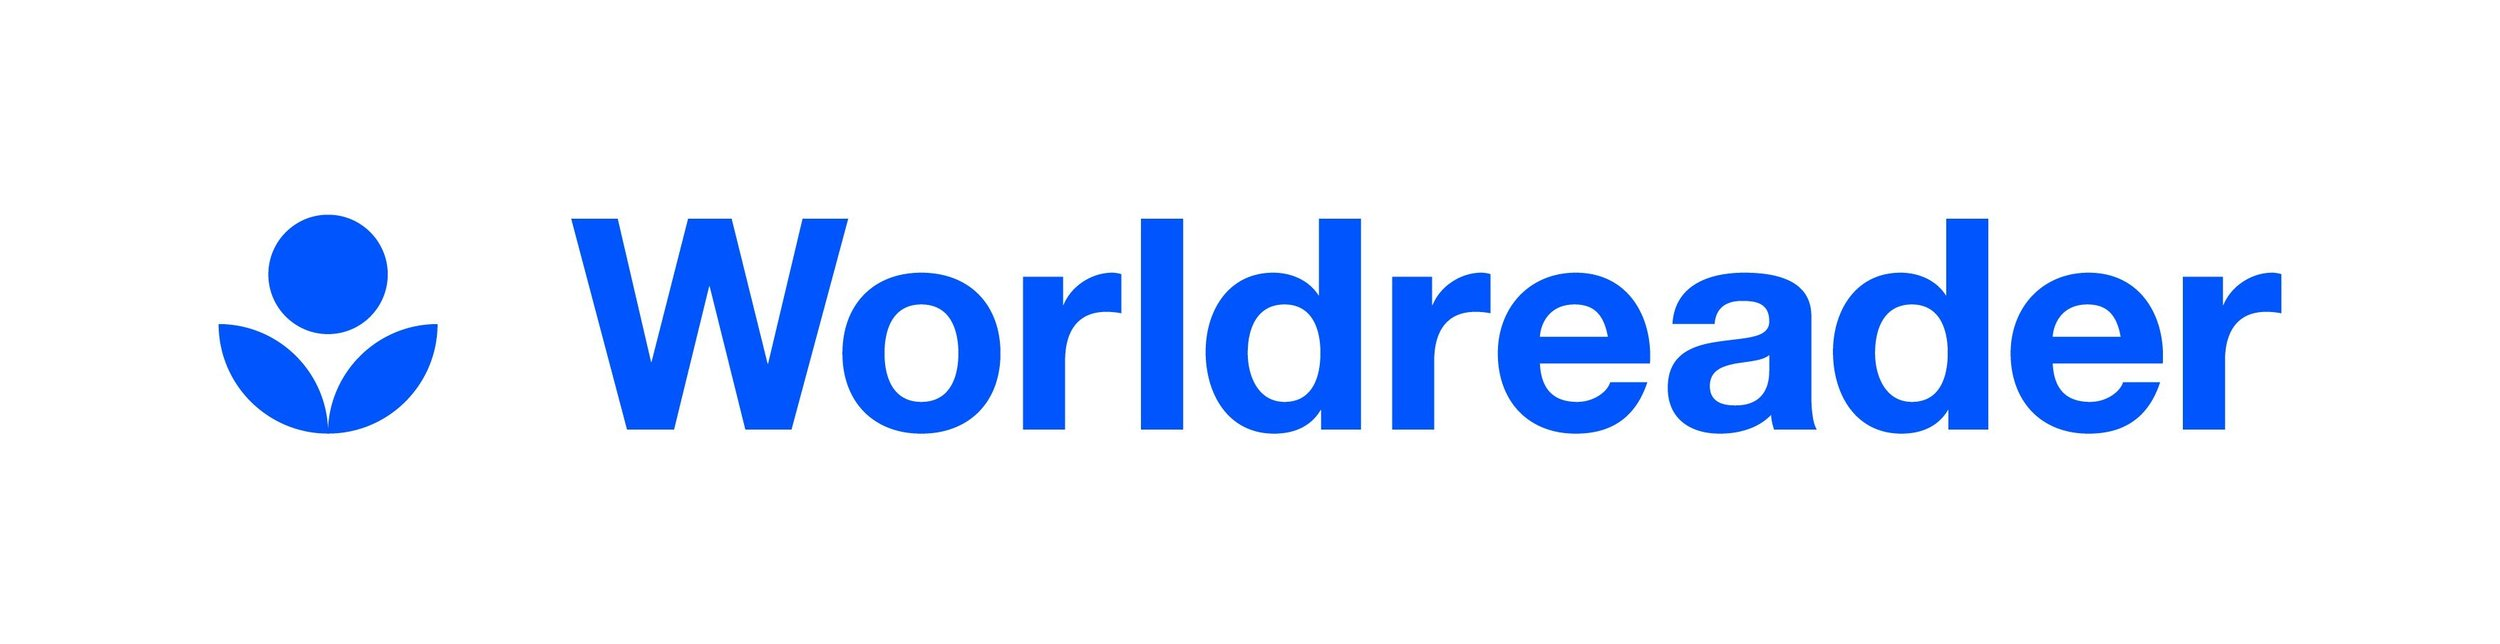 Worldreader.jpg